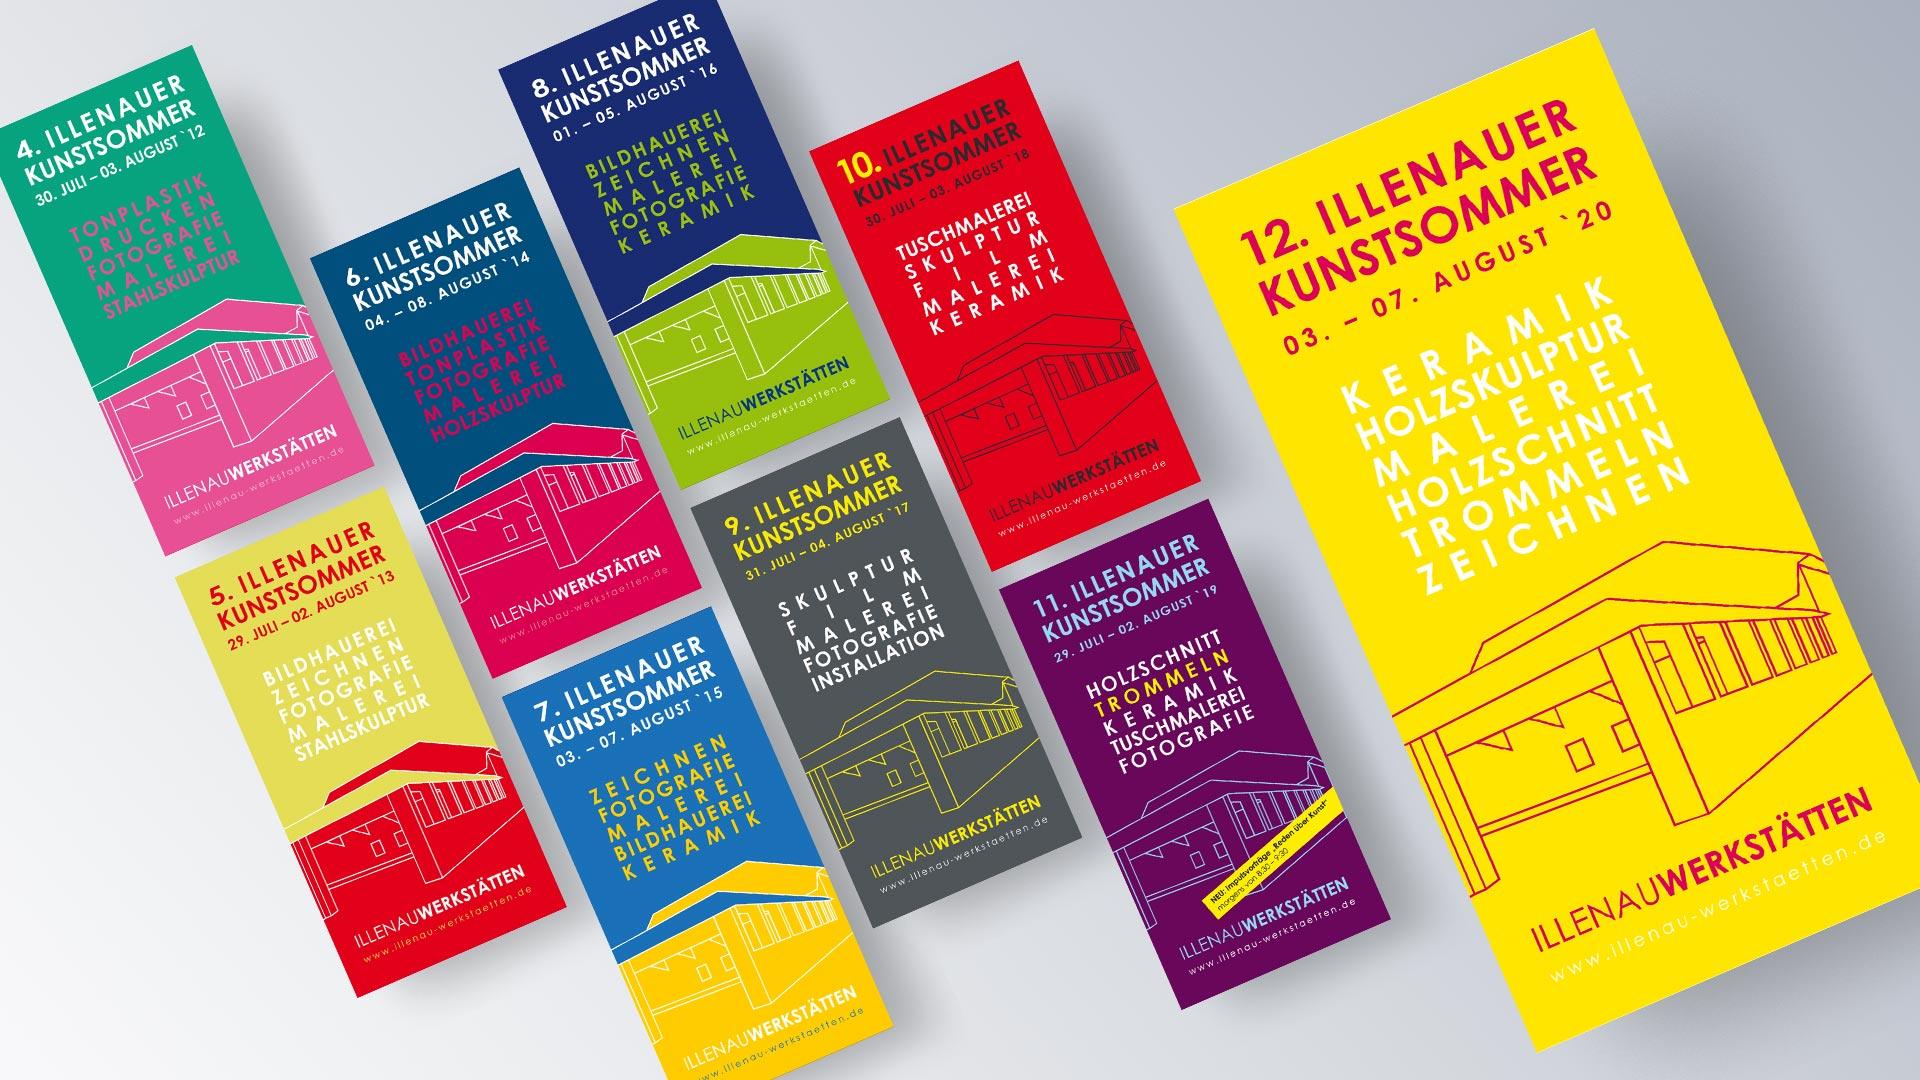 Illenau-Werkstätten e.V. Achern Illenauer-Kunstsommer Programm Flyer Folder